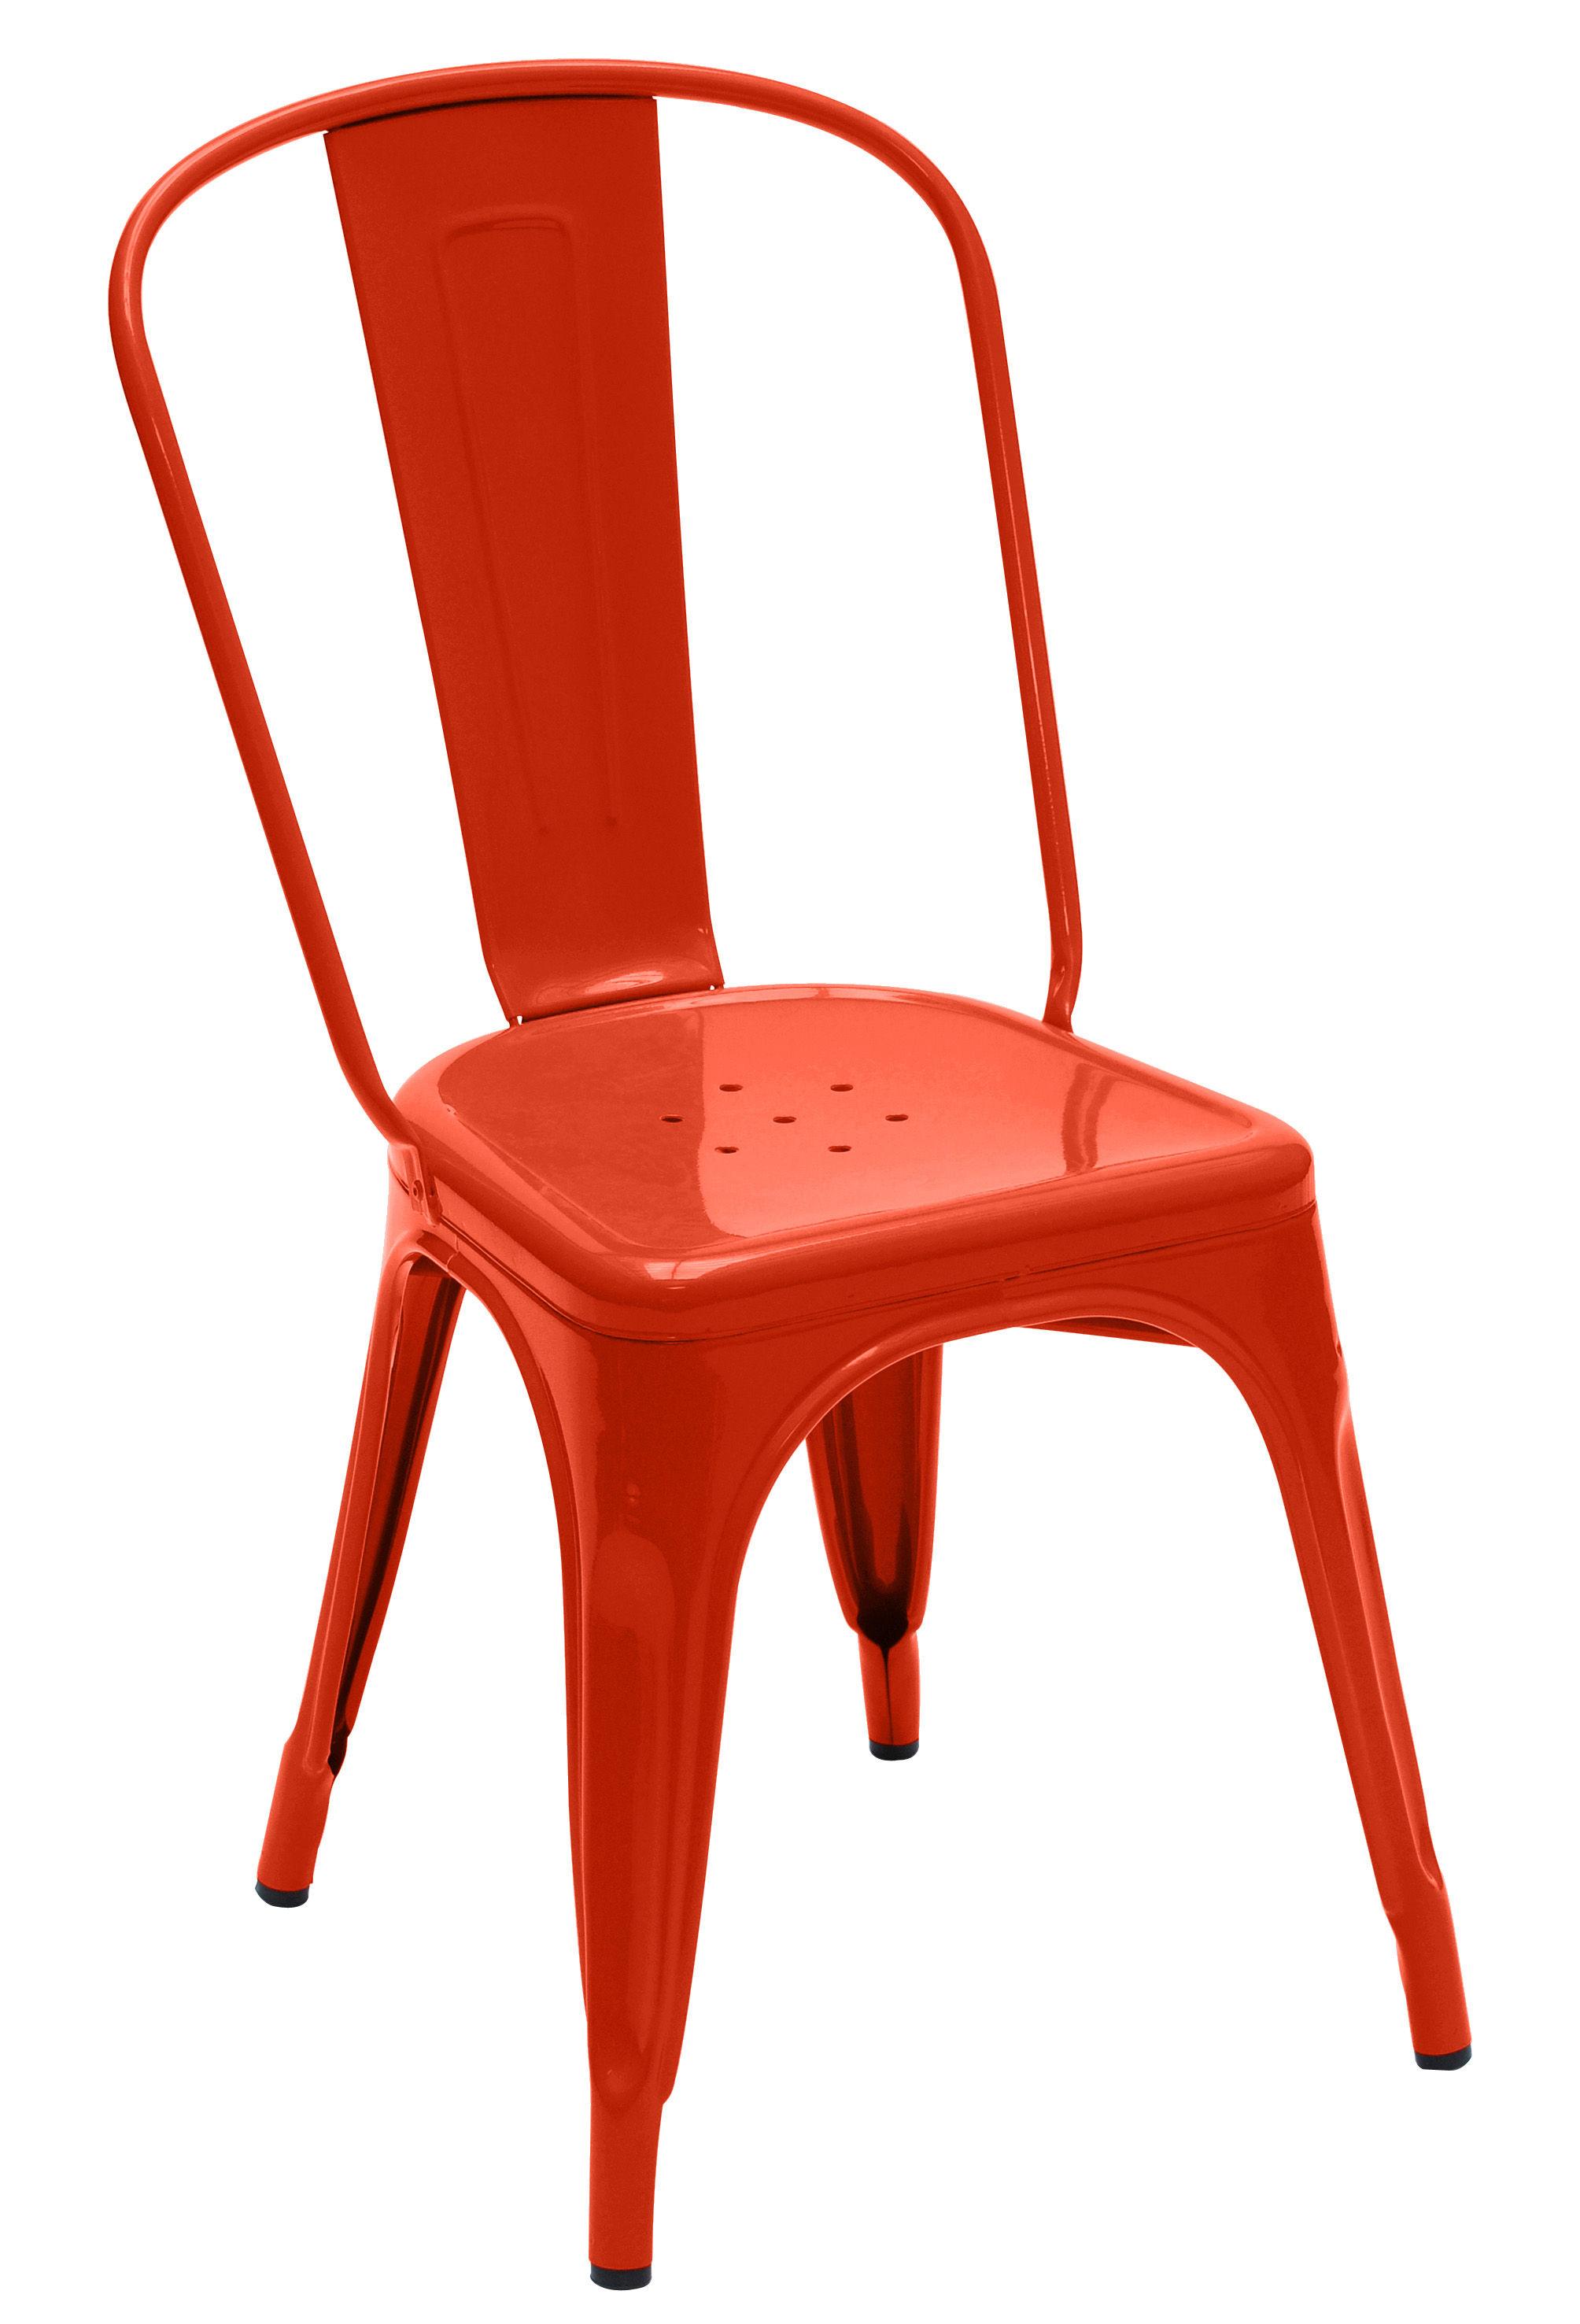 Mobilier - Chaises, fauteuils de salle à manger - Chaise empilable A / Acier - Couleur brillante - Tolix - Orange (brillant) - Acier laqué